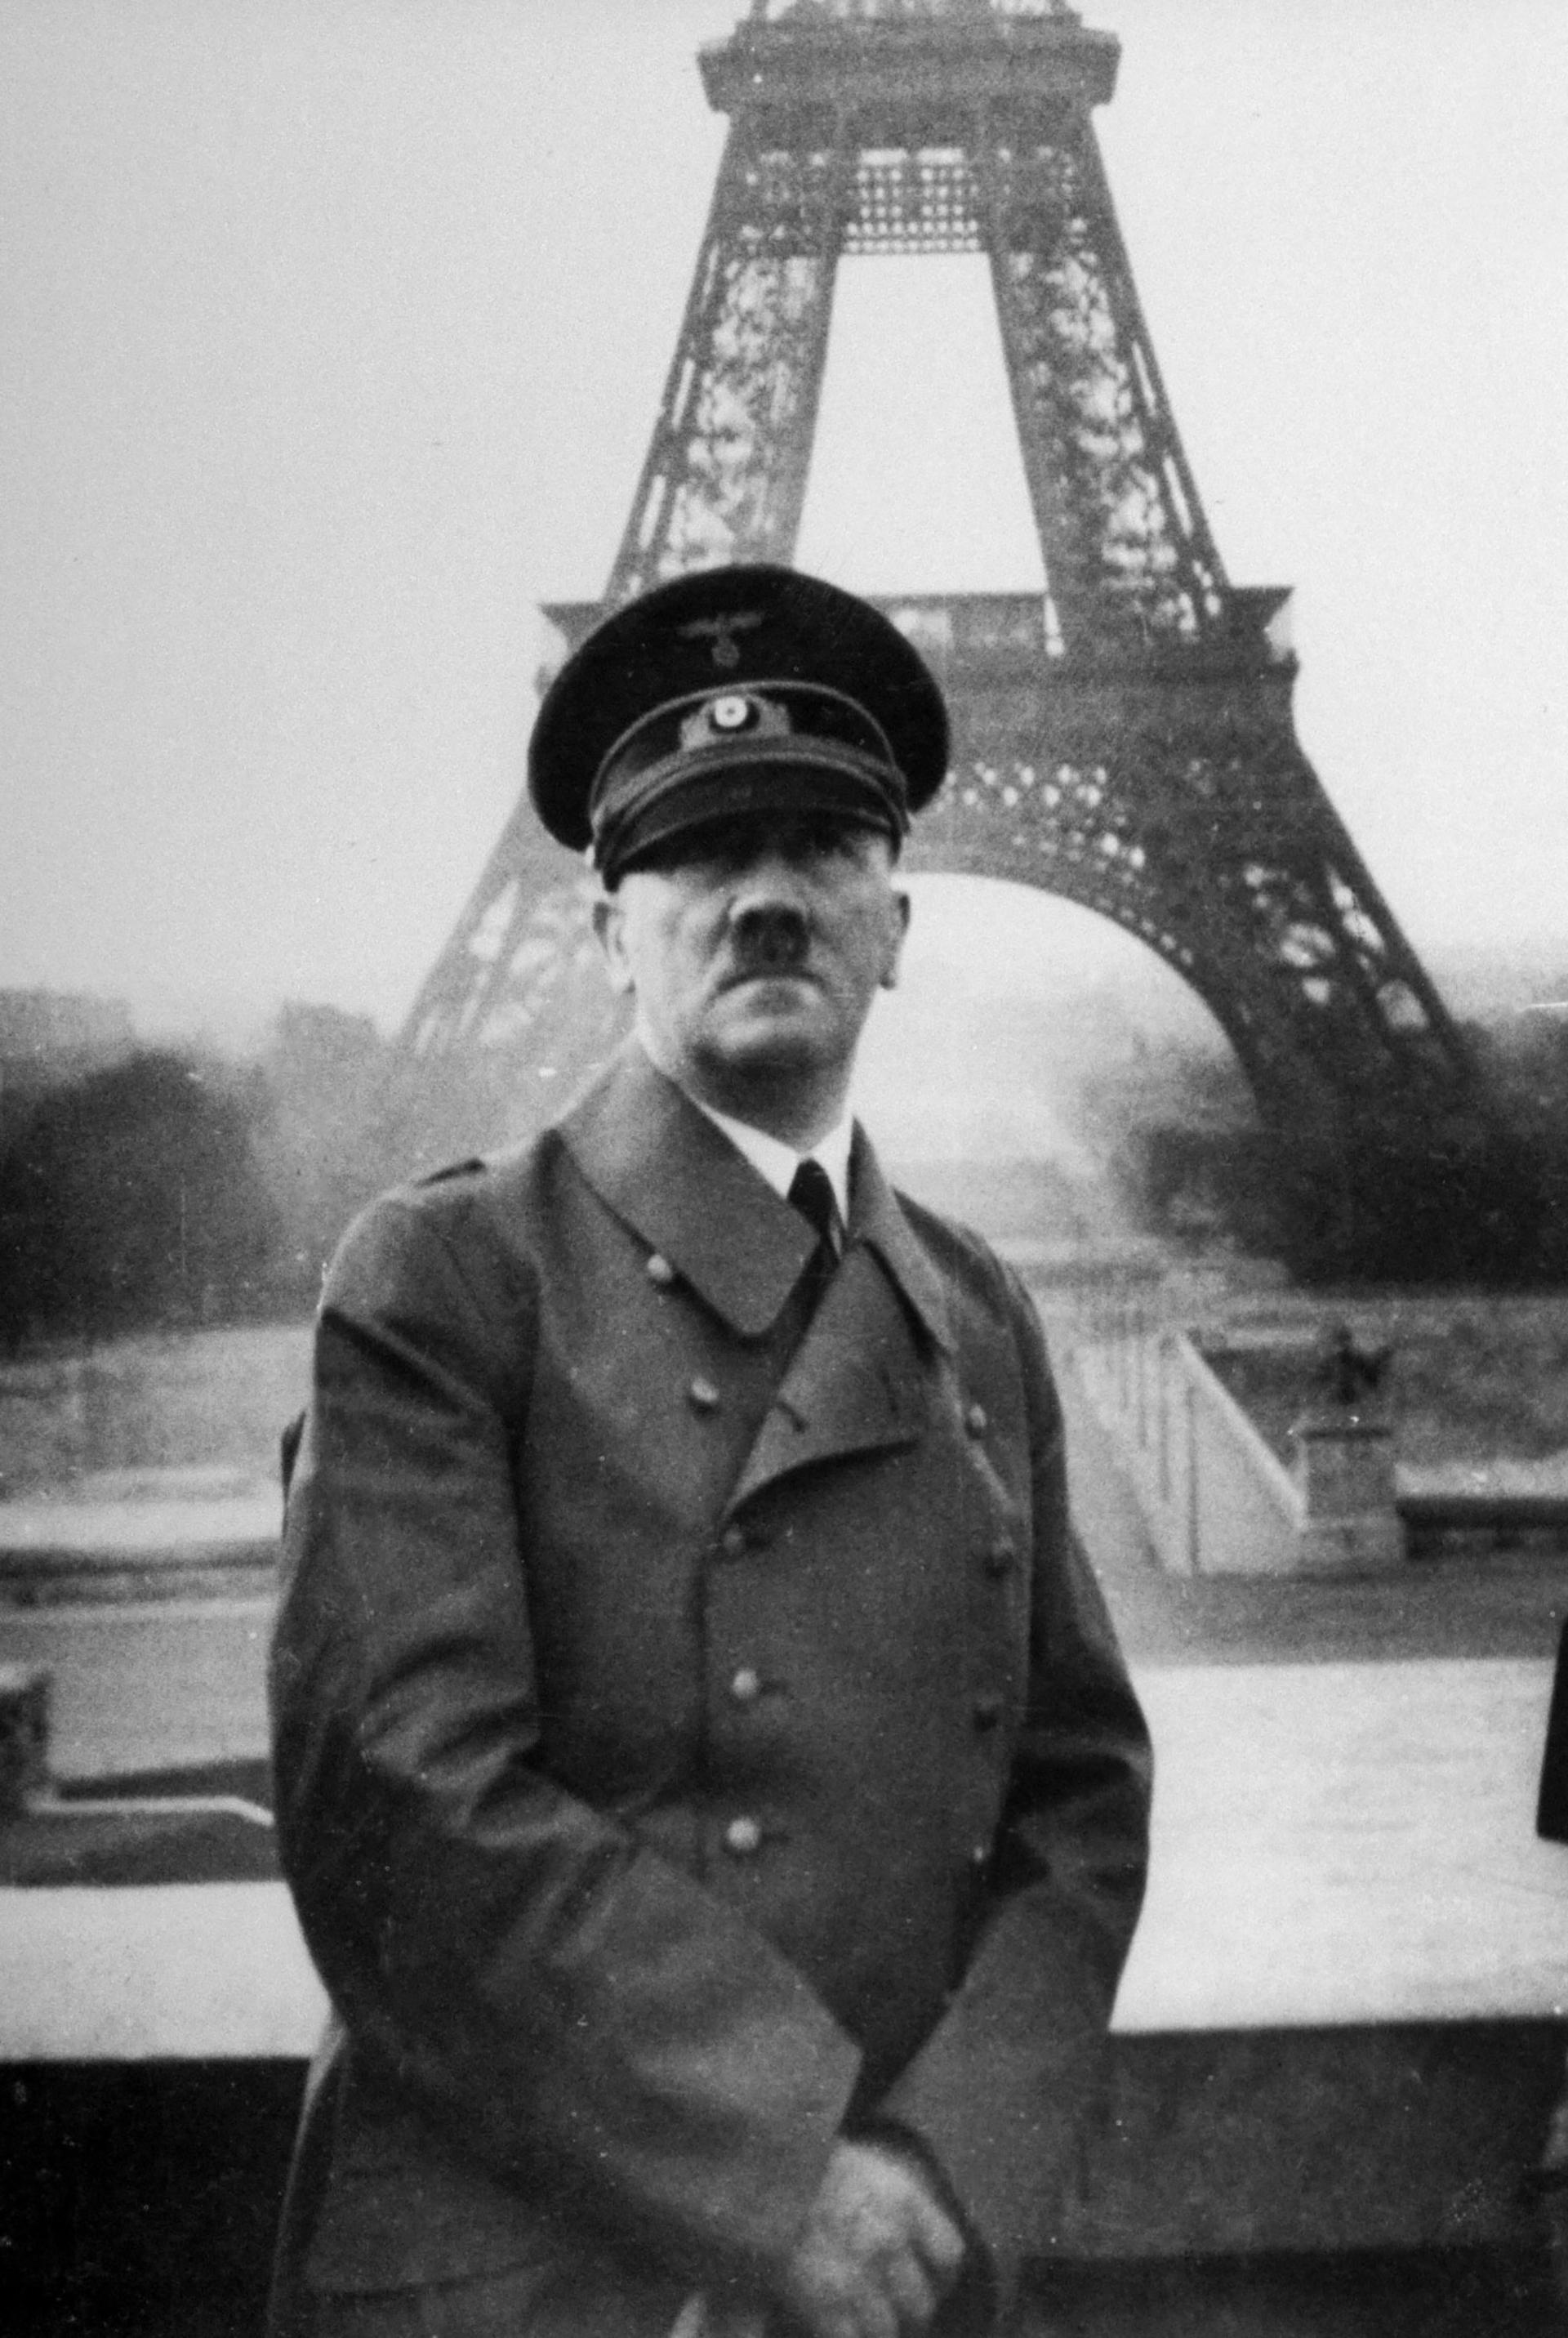 En junio de 1940, Adolf Hitler posó con la Torre Eiffel de fondo como símbolo de la ocupación nazi de Paris. La resistencia francesa había cortado los cables del ascensor antes de la caída de la ciudad en manos nazis y la torre permaneció cerrada al público hasta la reconquista de la ciudad en junio de 1944 (Heinrich Hoffmann/The LIFE Picture Collection/Getty Images)